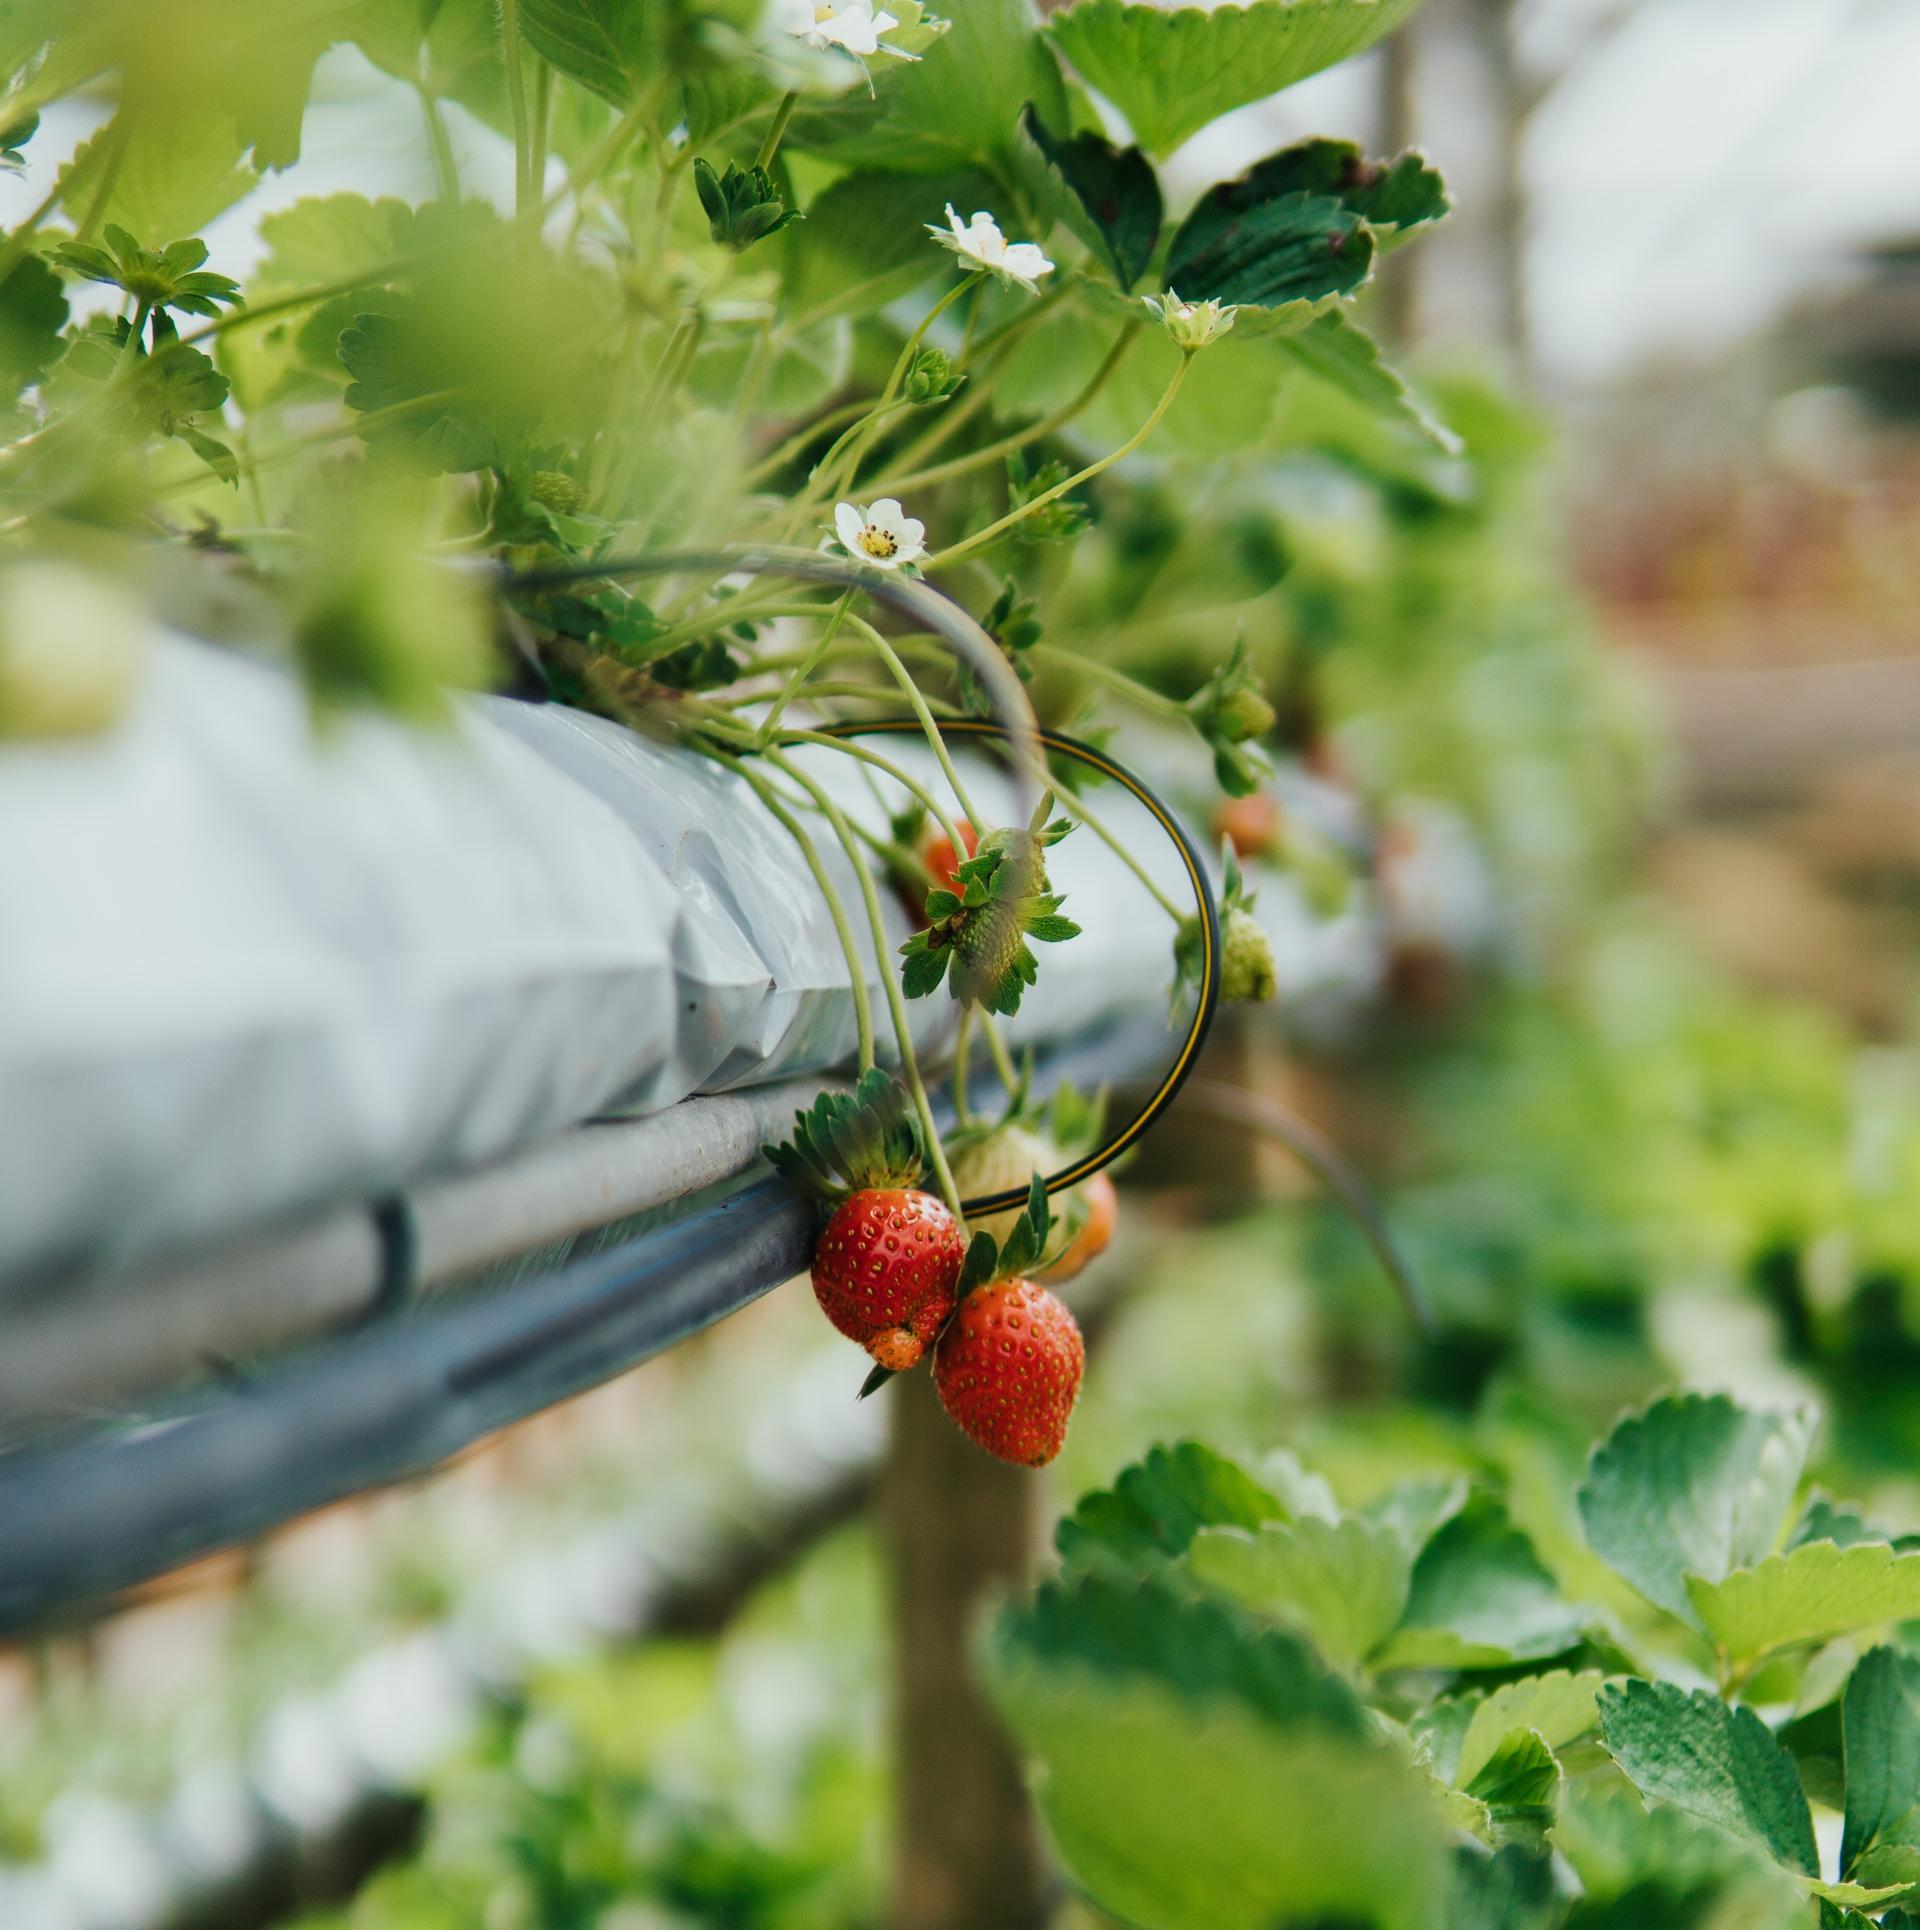 Hydroponic og aquaponic er fremtidsrettede dyrkingsmetoder! Foto: Unsplash.com